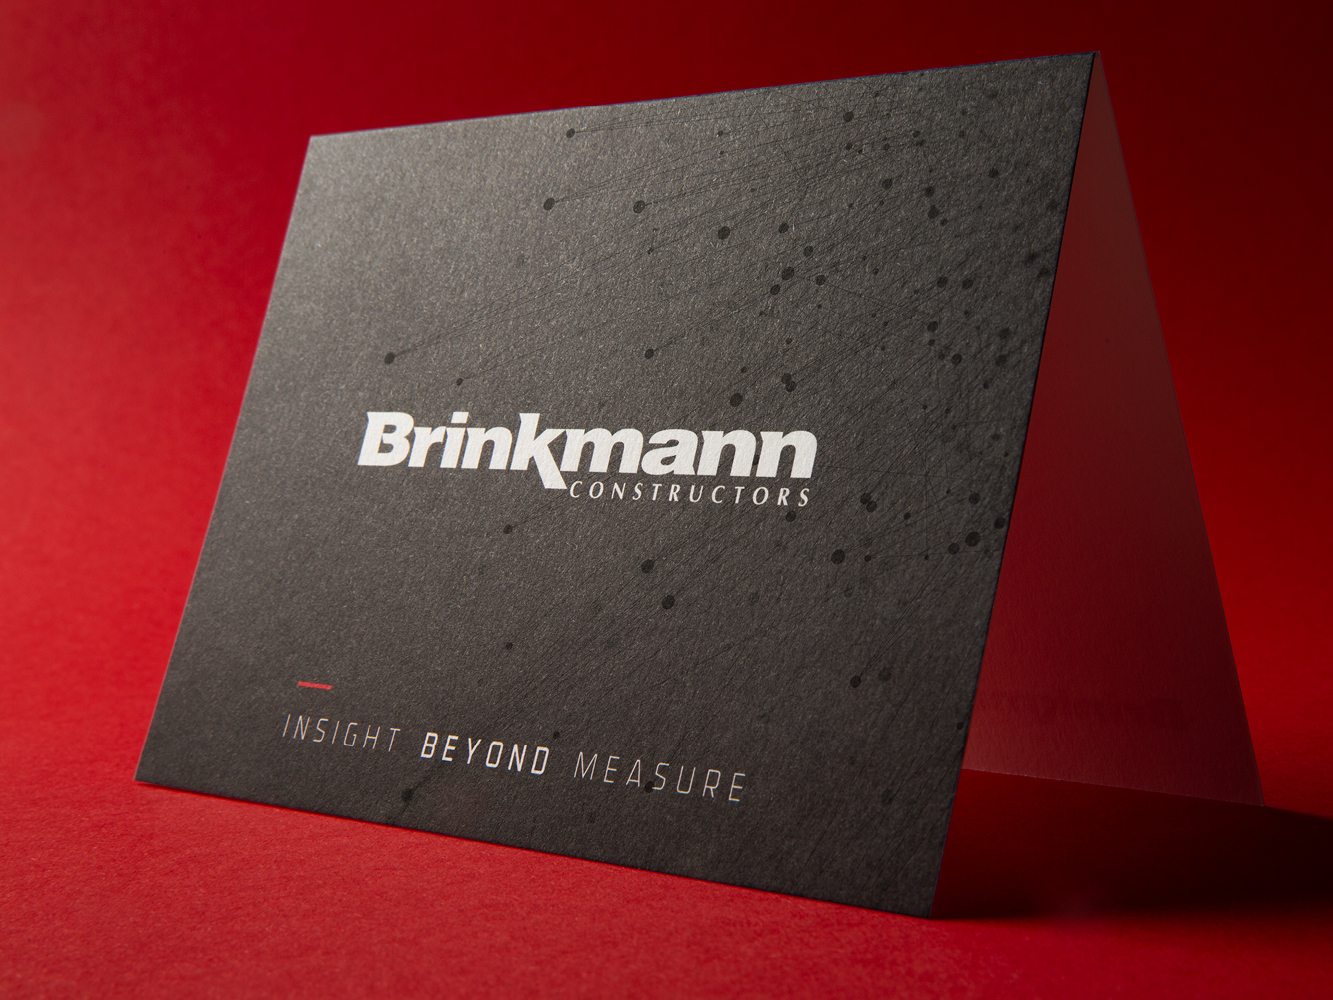 Brinkmann Constructors business card front